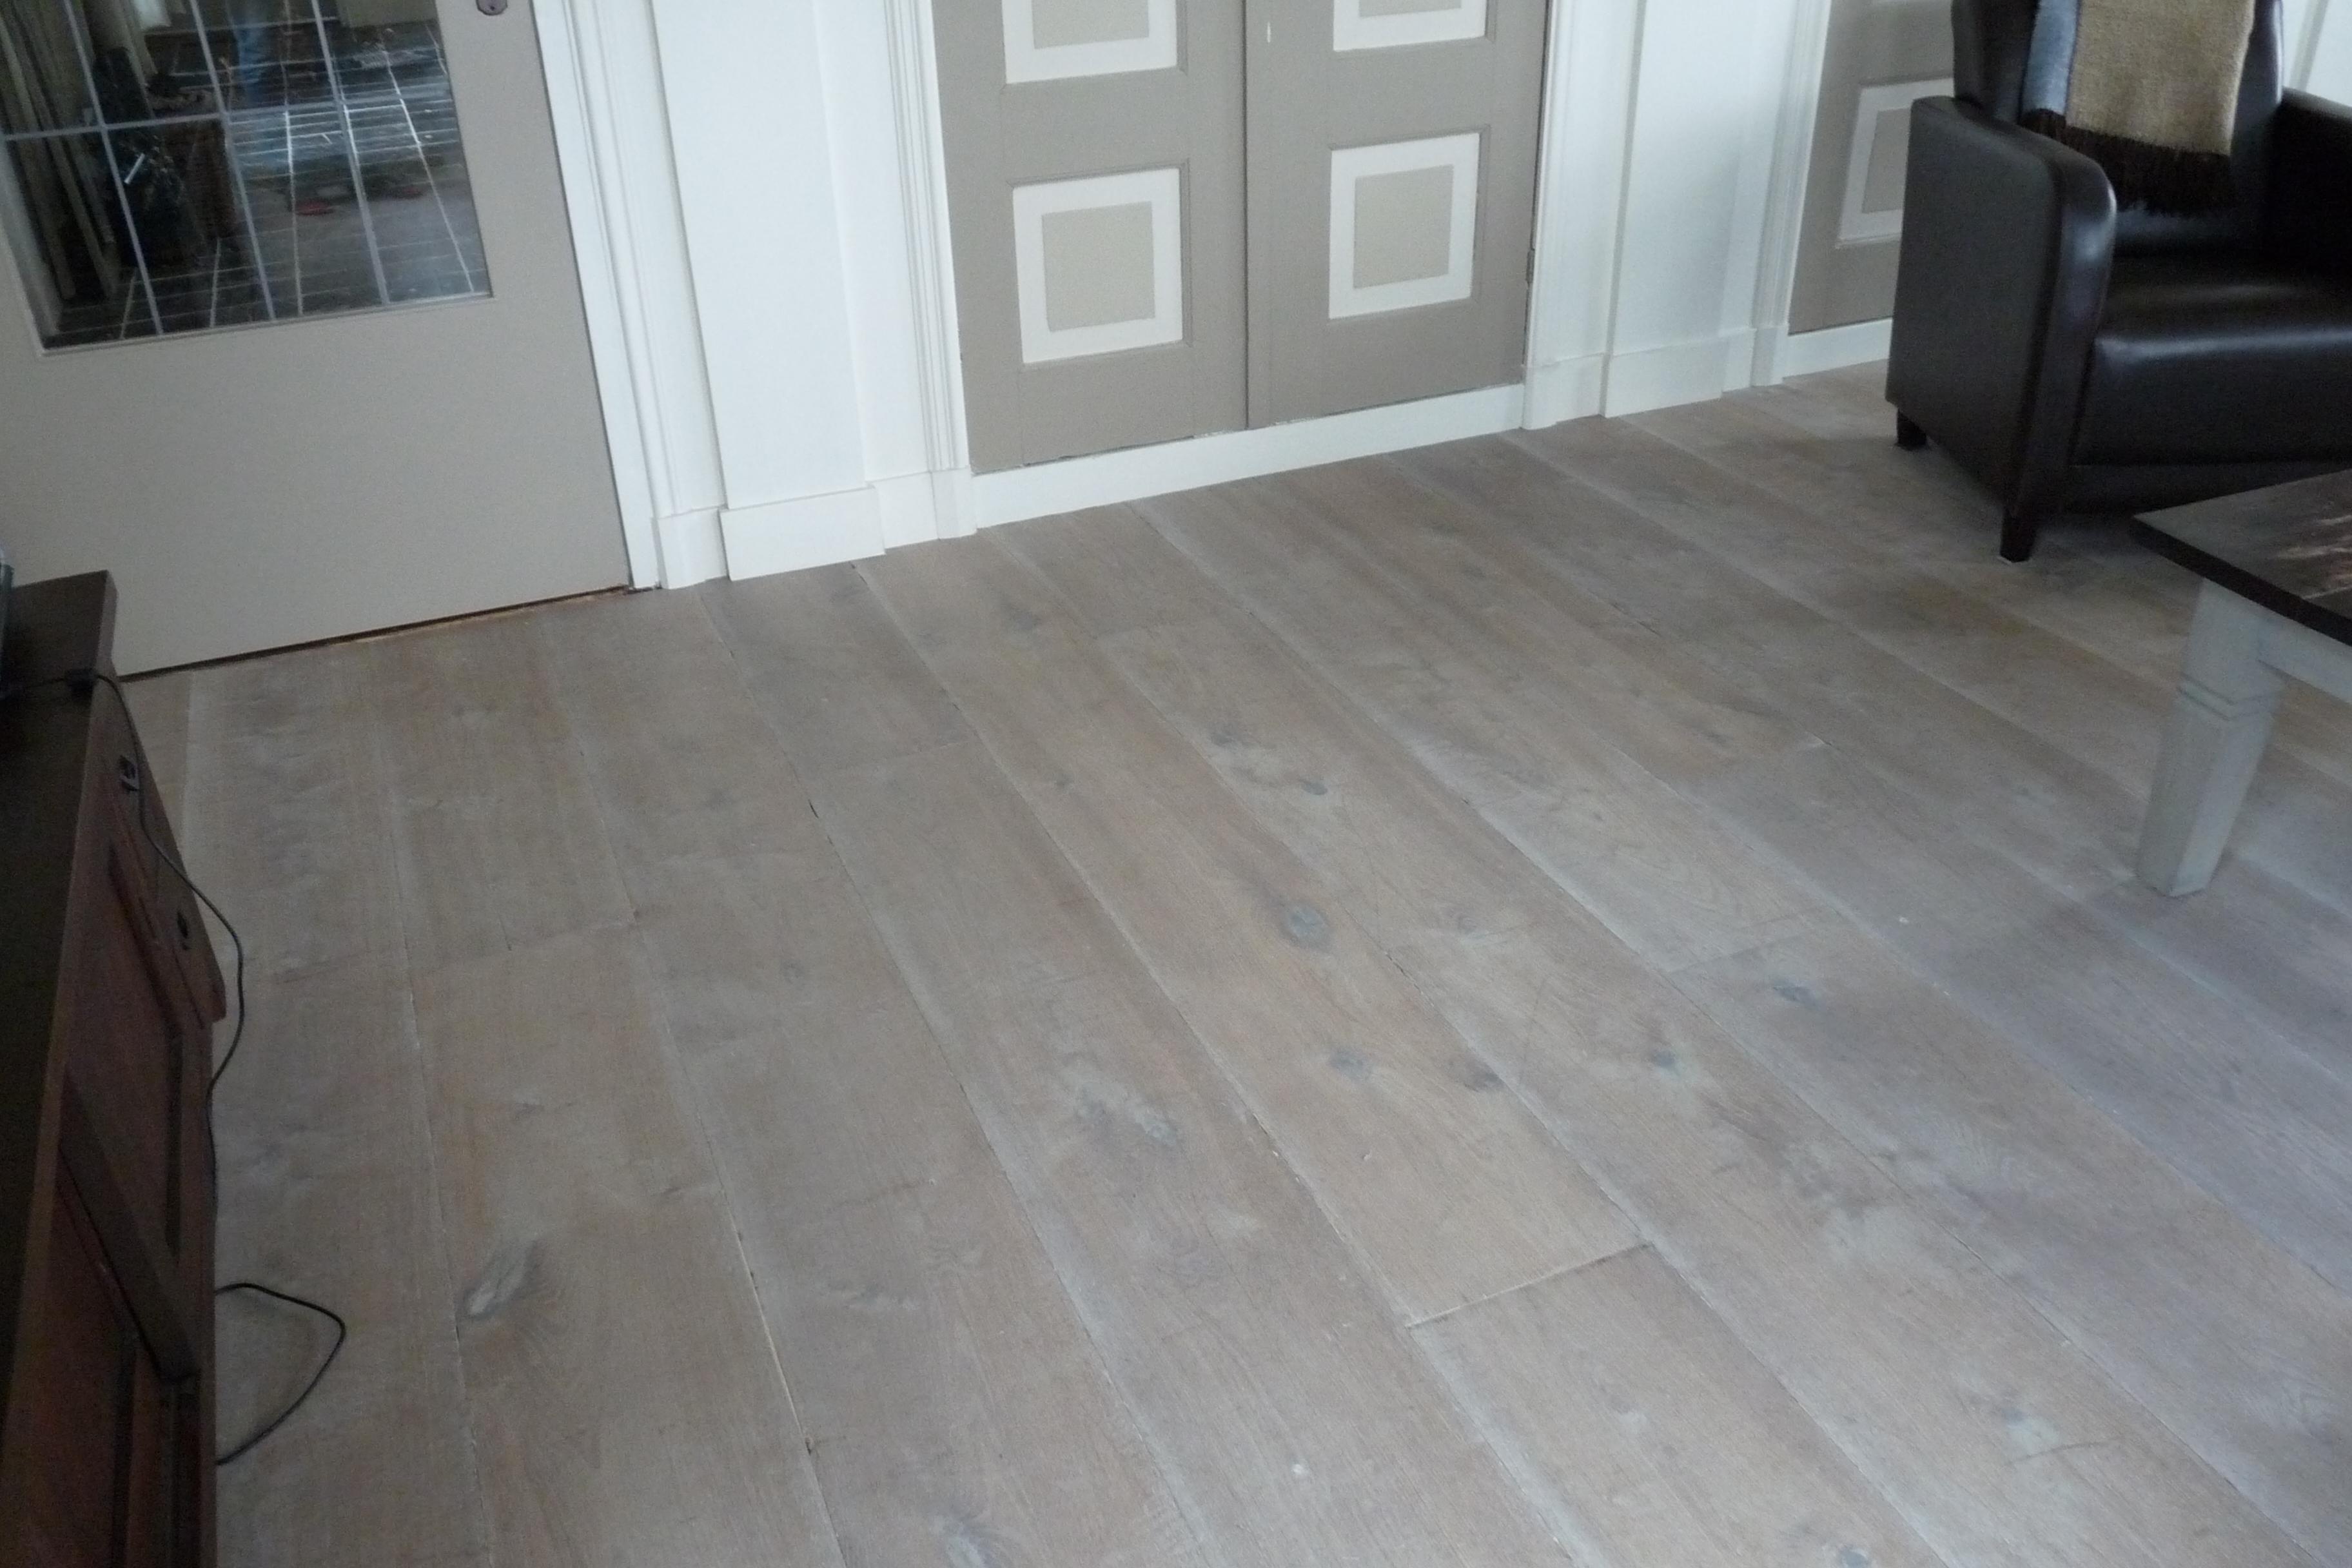 Houten vloeren drachten kwalitatieve houten vloeren - Houten vloeren ...